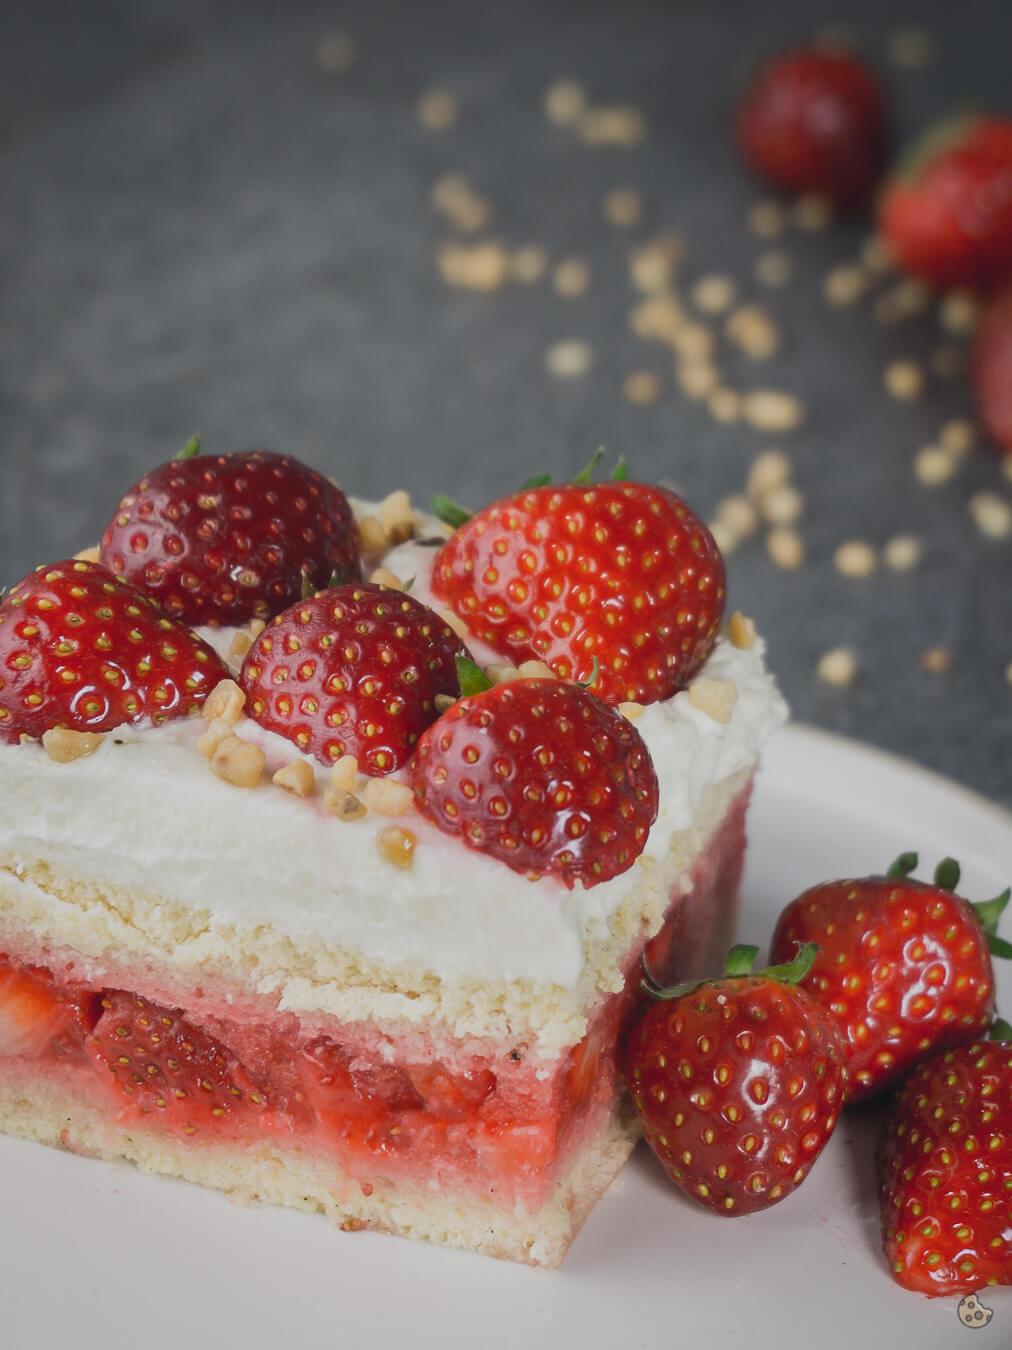 Erdbeer Biskuit Blechkuchen mit Frischkäse Schokoladen Creme von Keksstaub